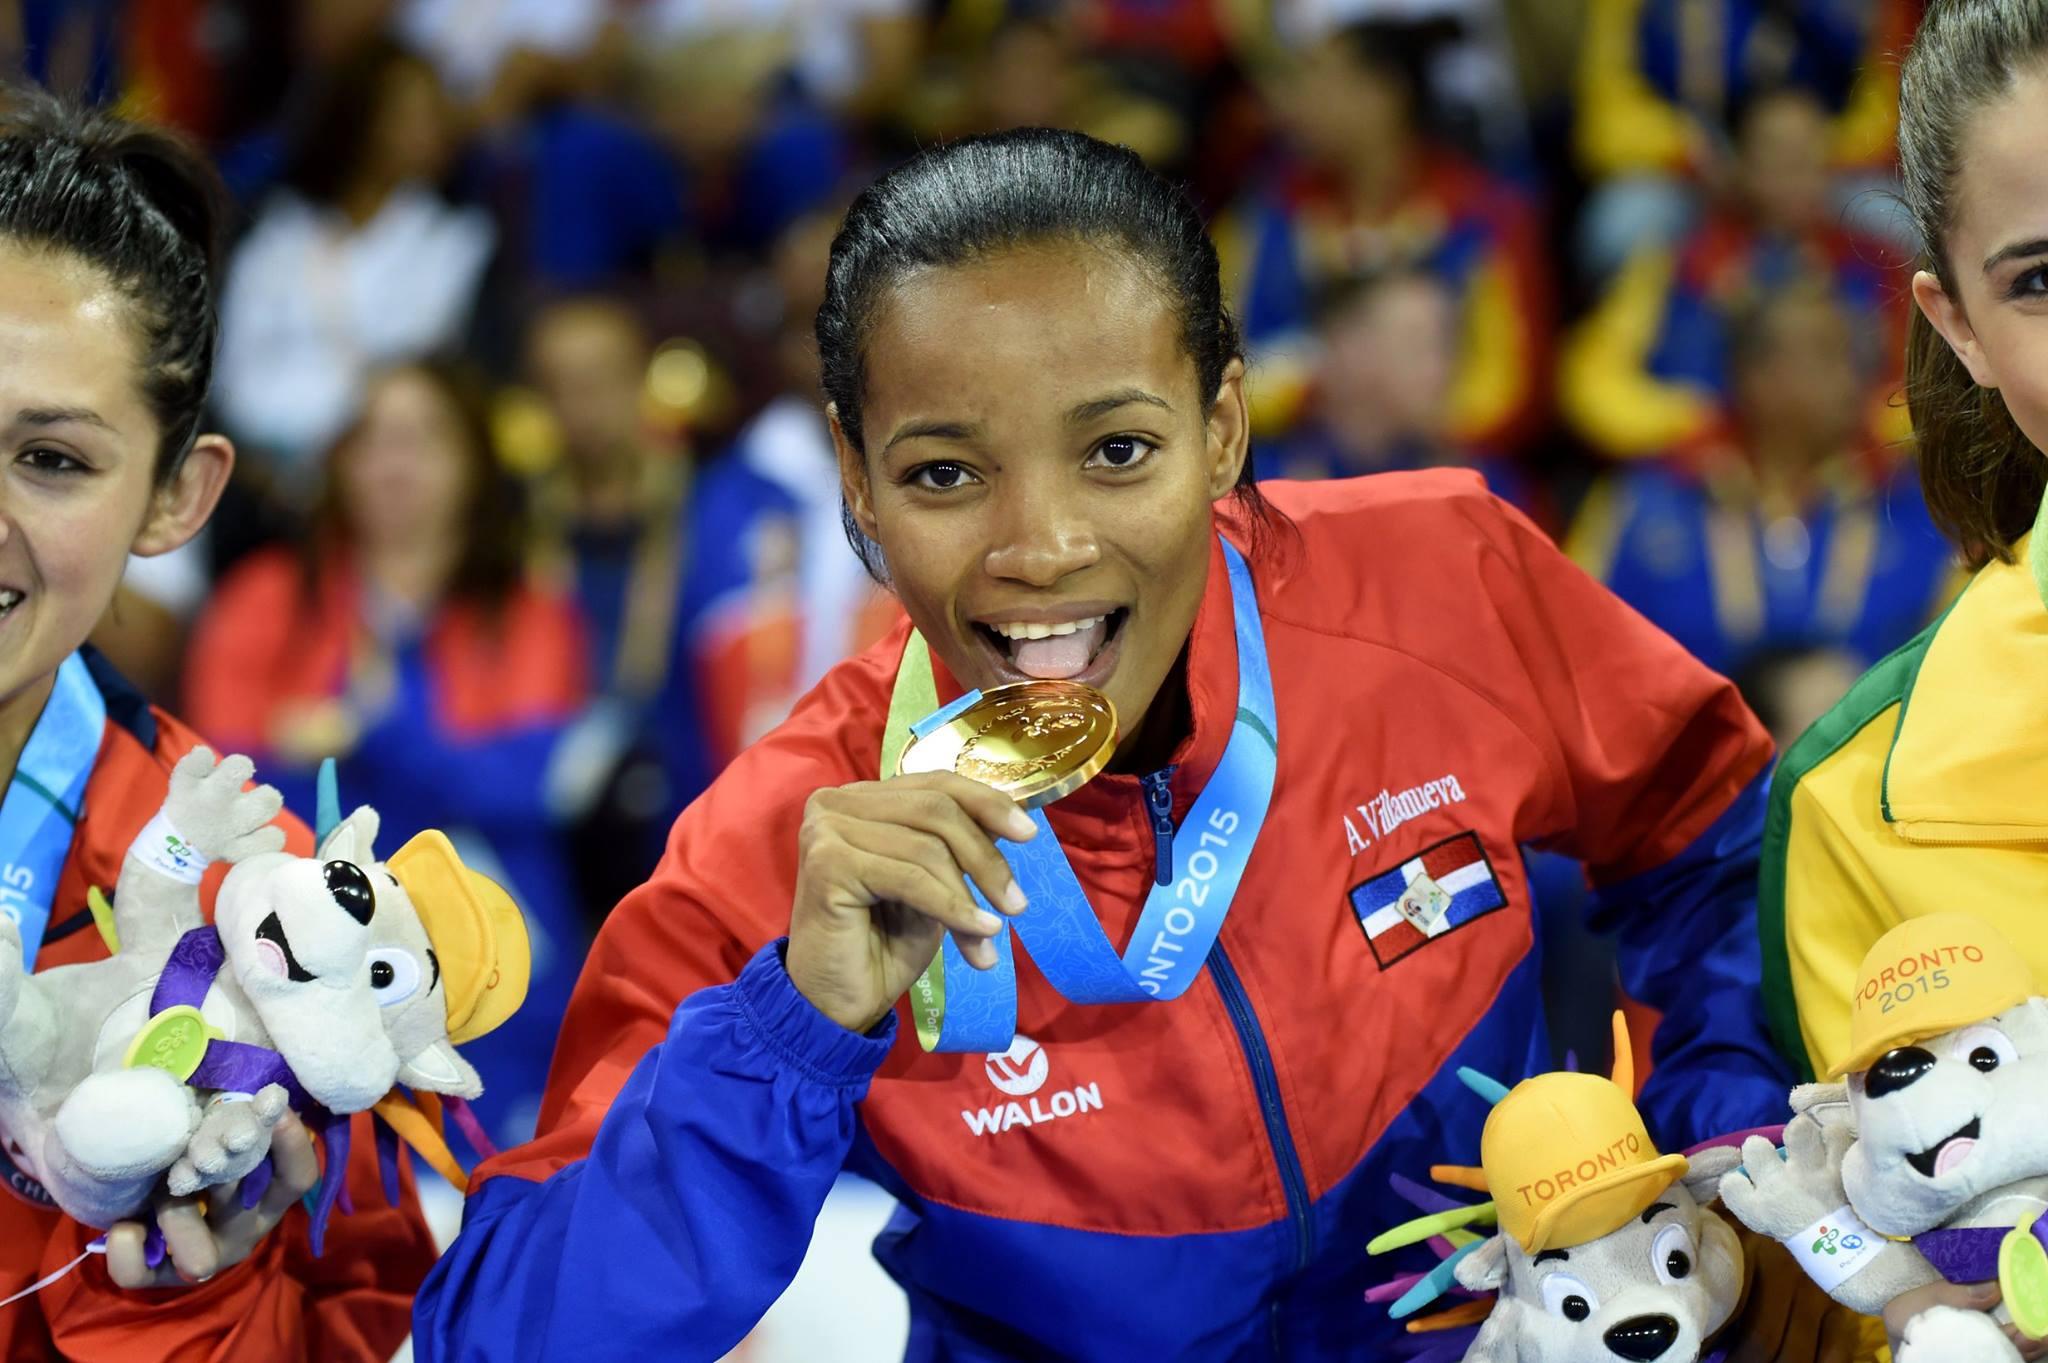 ¡ Plátano Power ! Ana Villanueva,  tercer oro en los Panamericanos